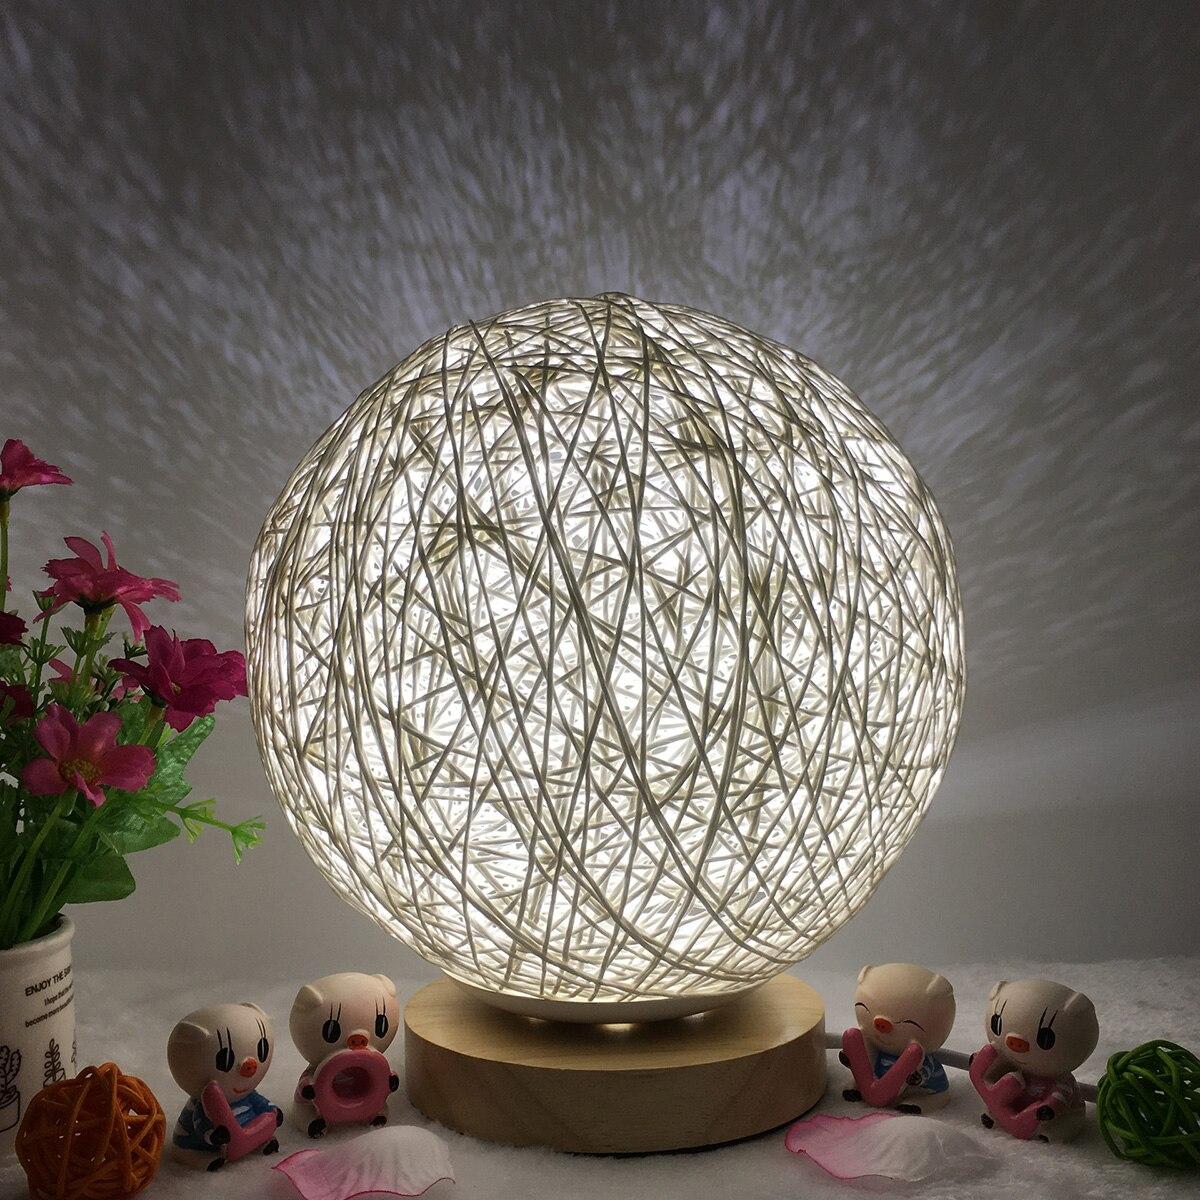 Lampe déco fibre naturelle blanche belle et pas cher| OkO OkO